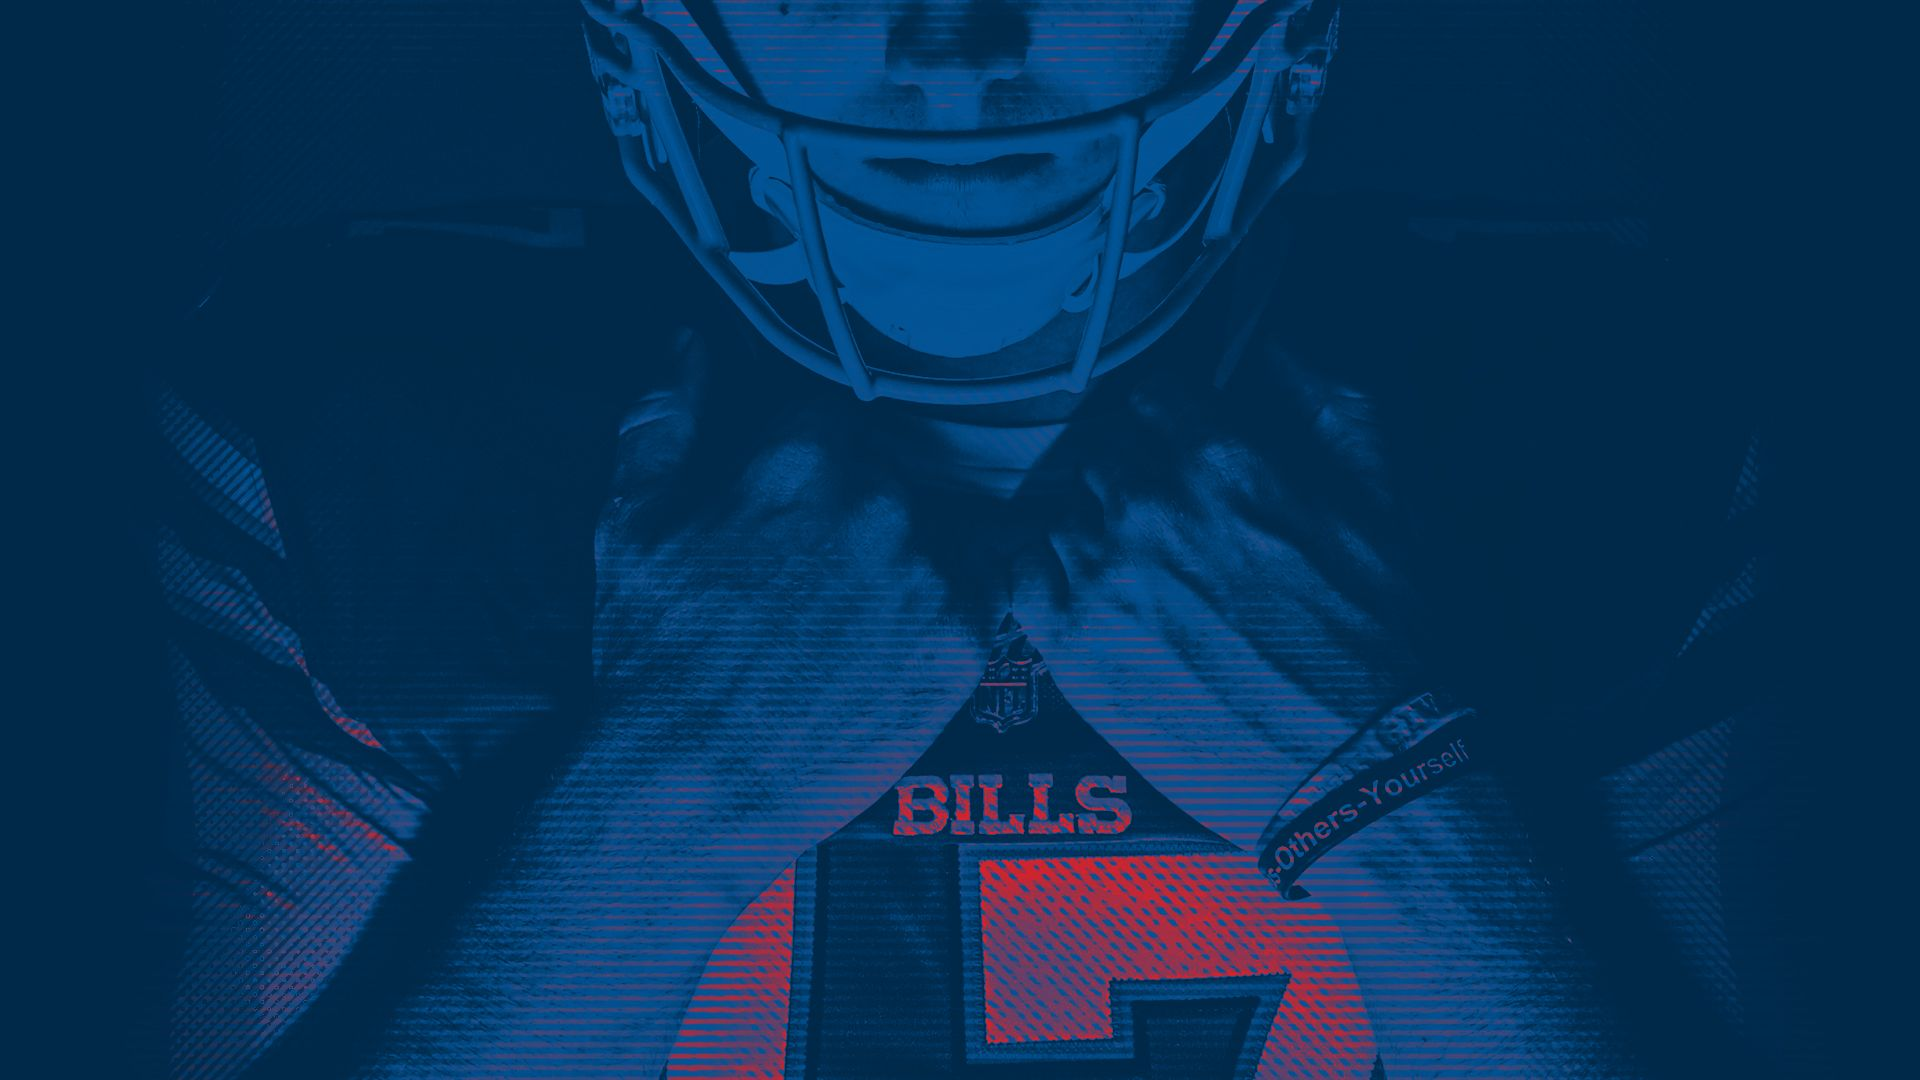 BBS-02562_-_Buffalo_Bills_Wallpapers_ALLENdesktop